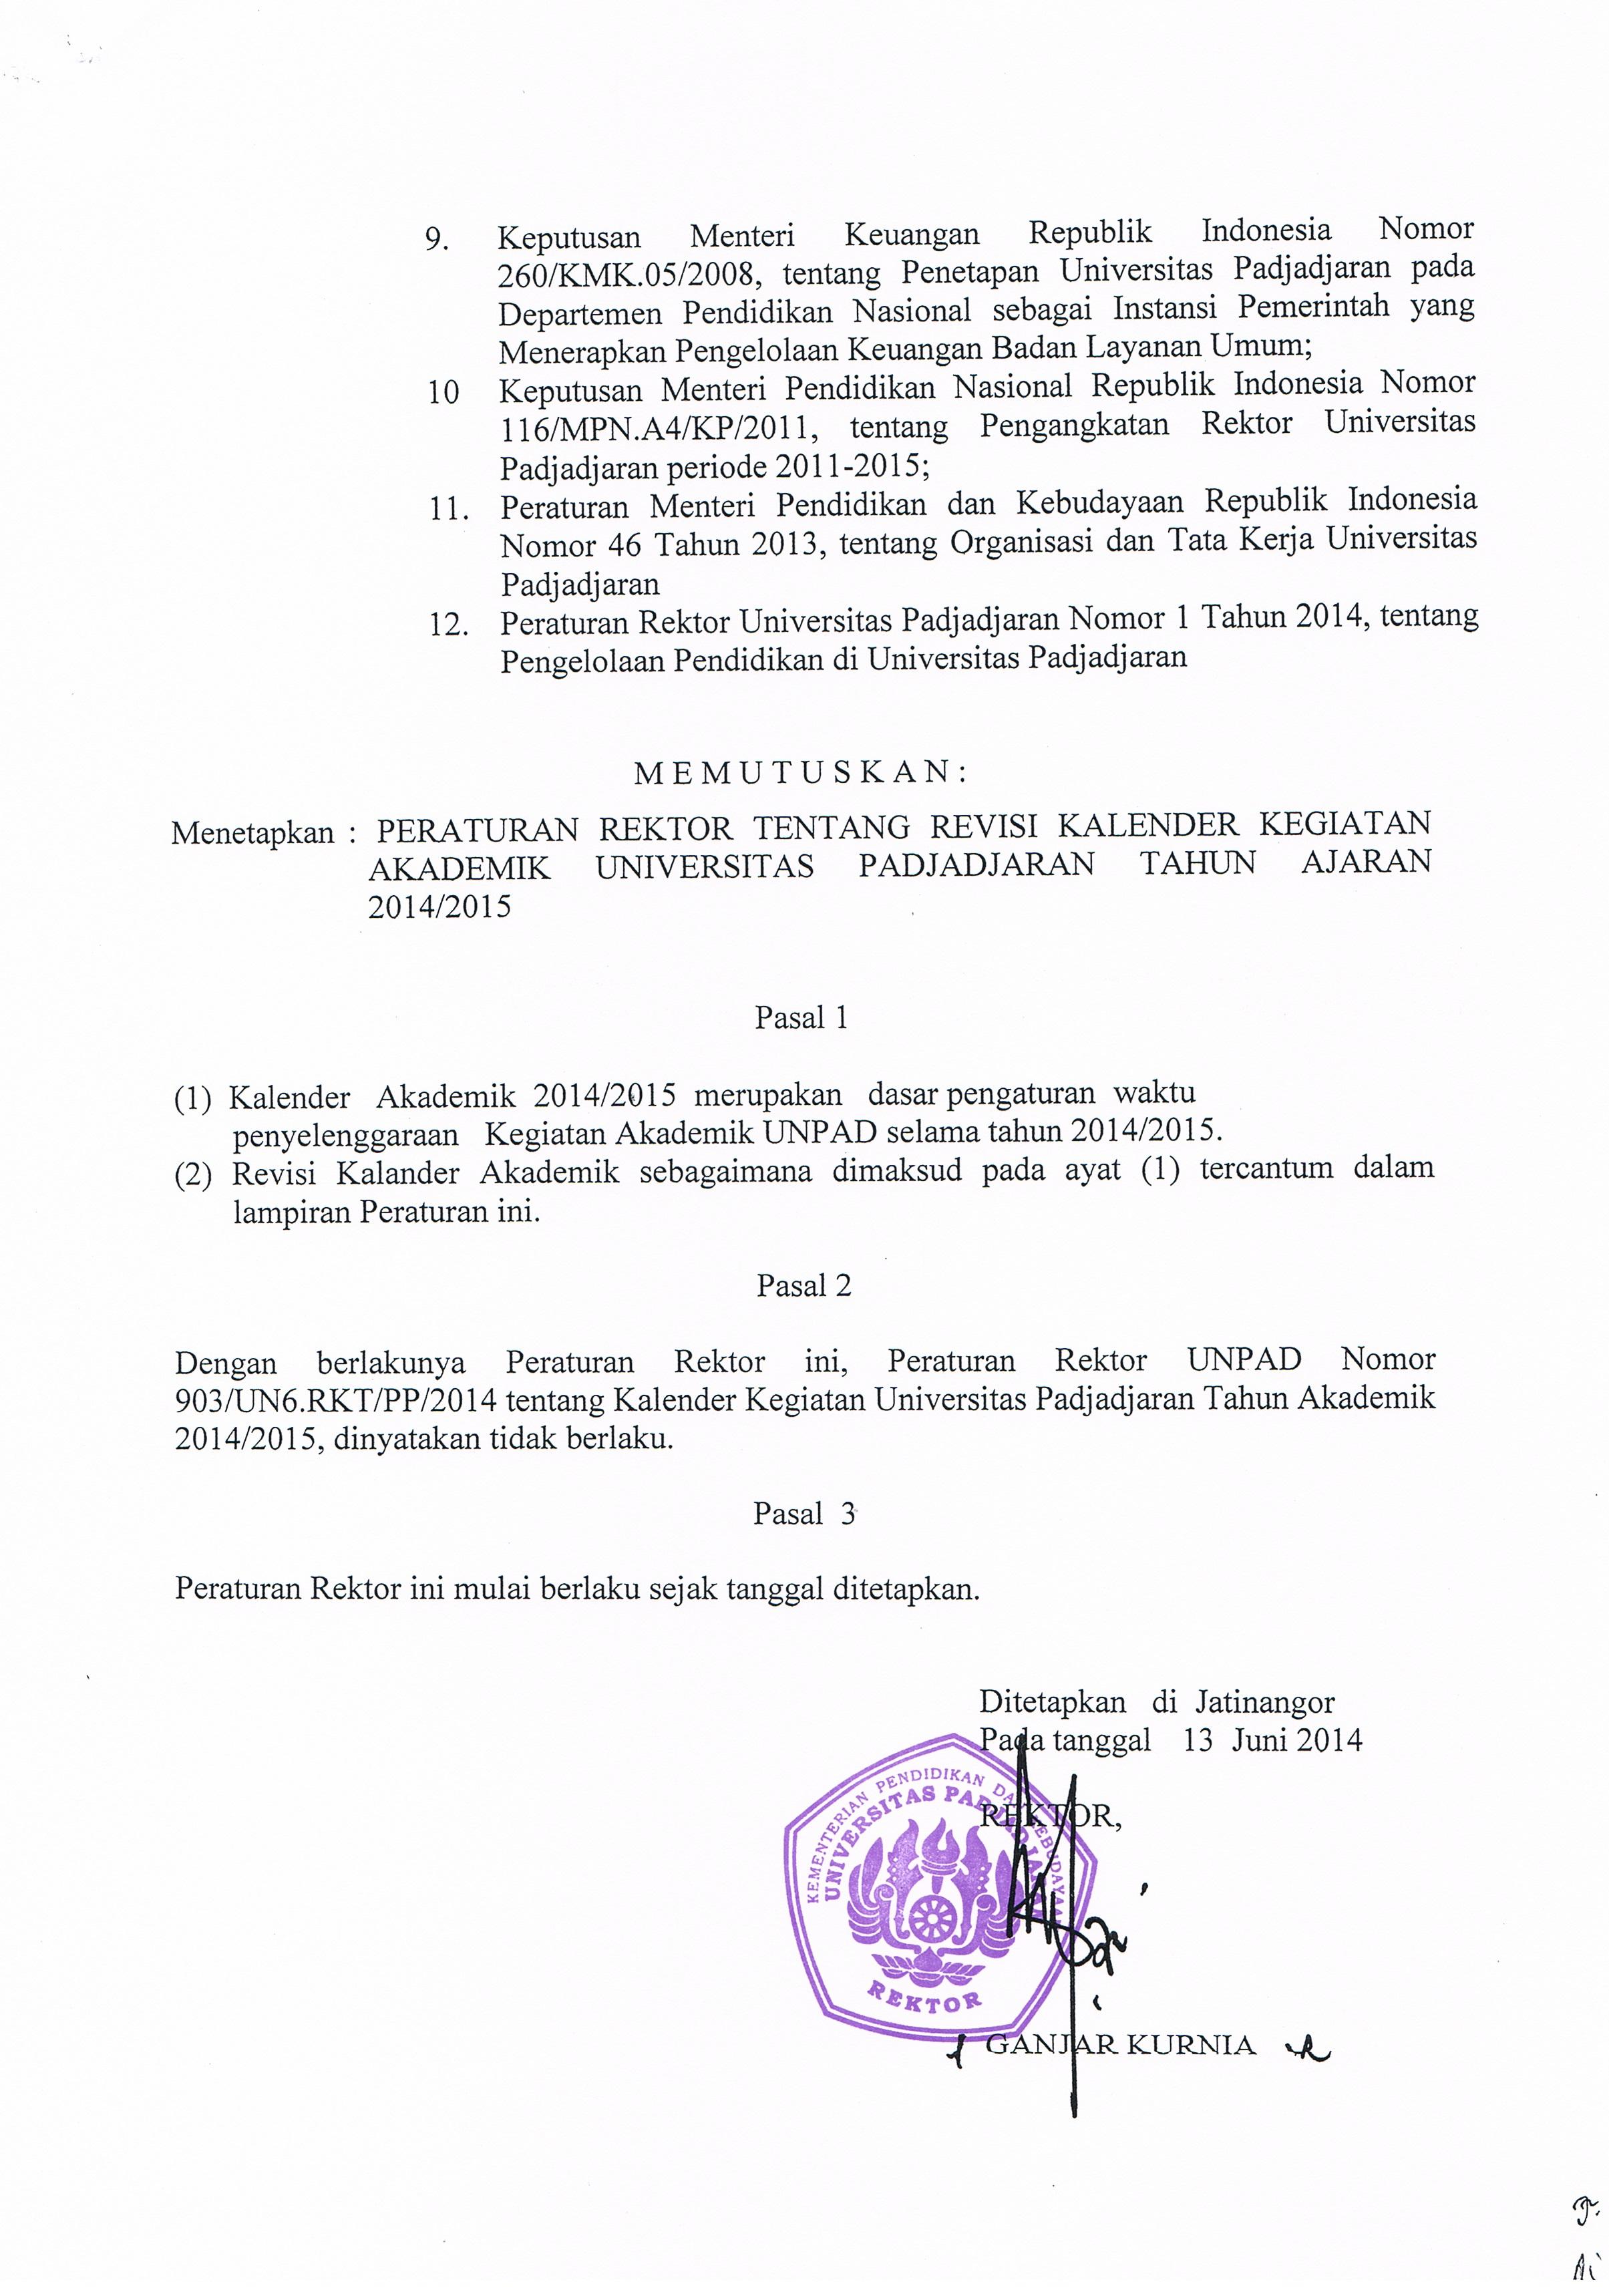 Kalender Kegiatan Akademik Universitas Padjadjaran Tahun Ajaran 2014